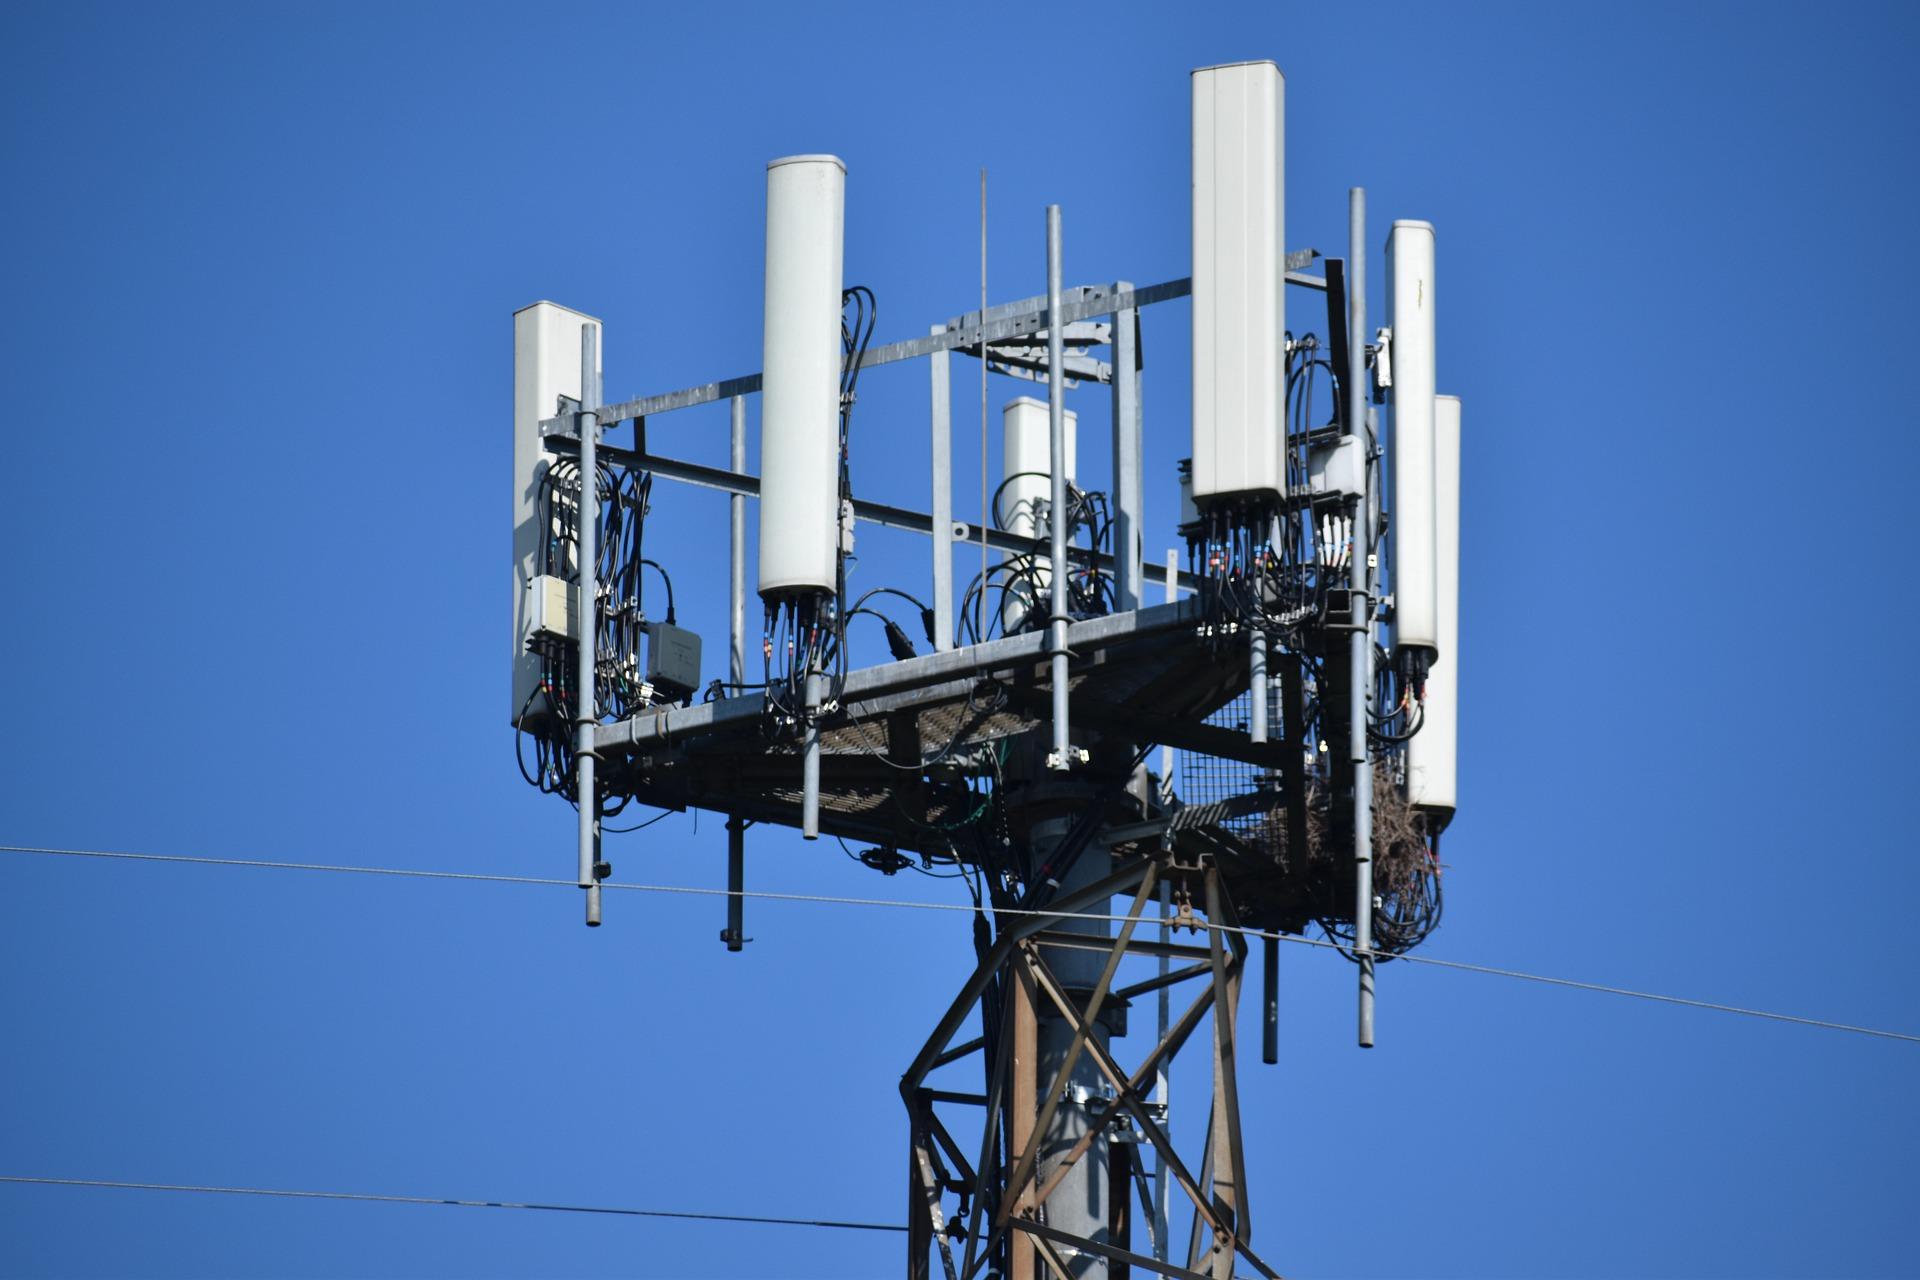 Vysokofrekvenční záření 5G sítí a zdraví